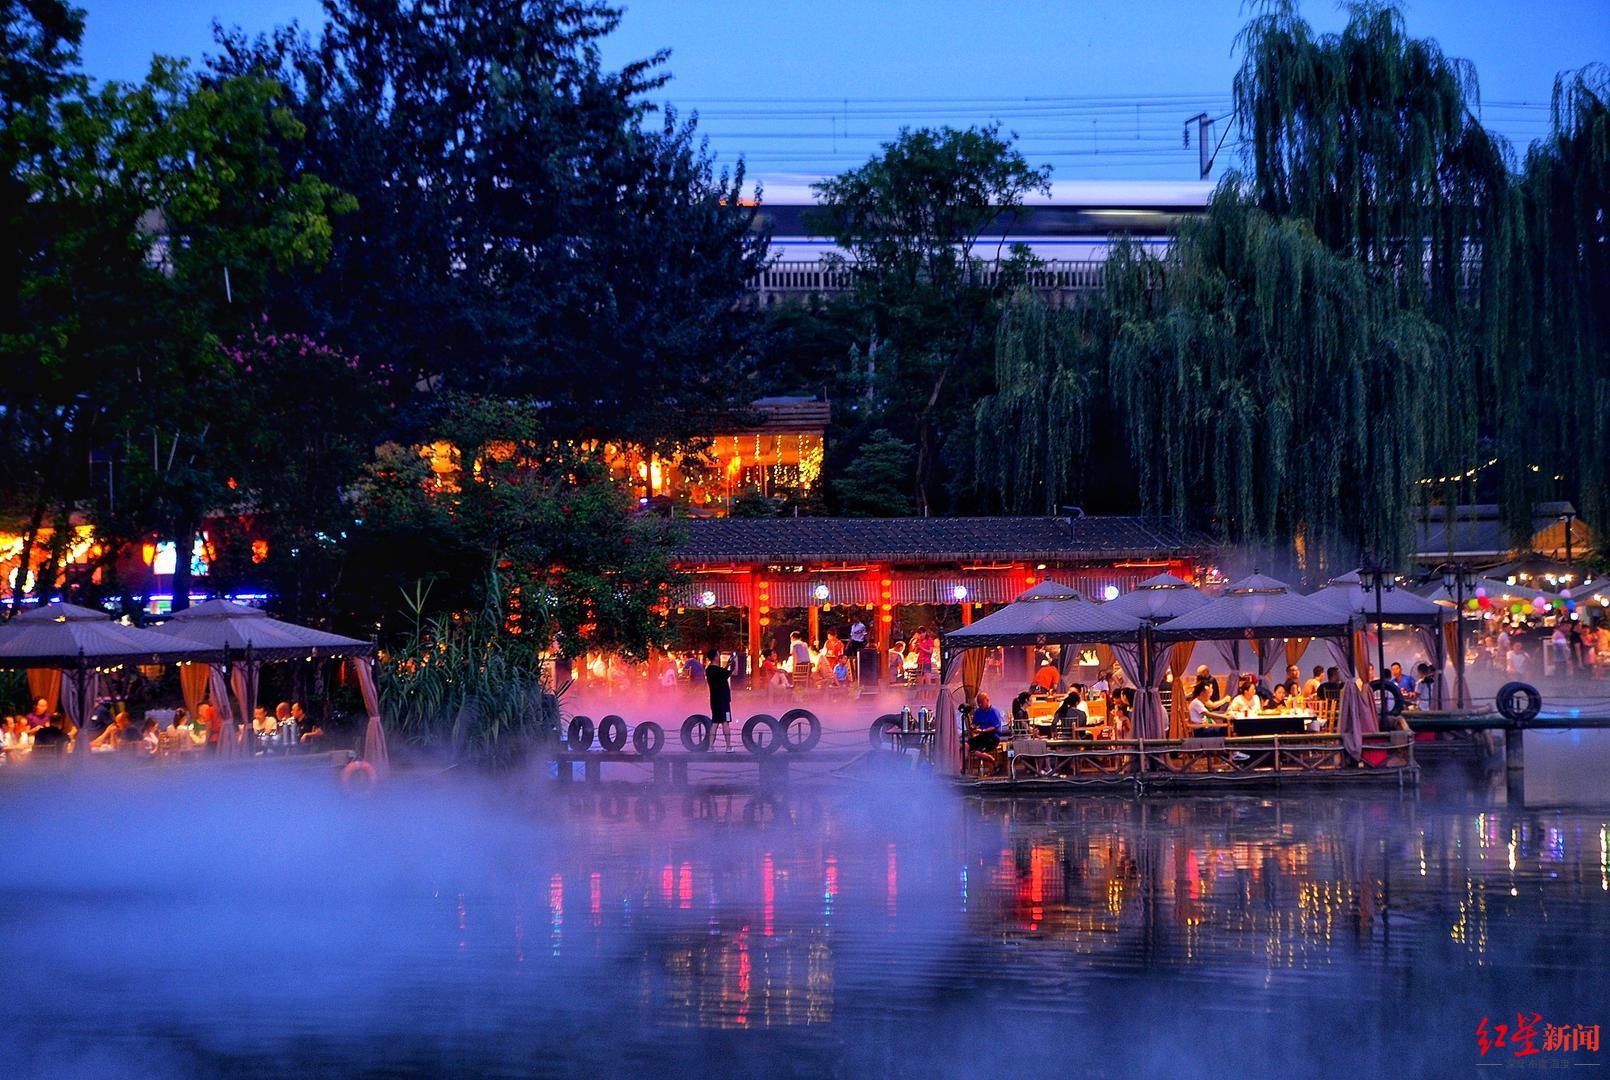 ▲食客在湖边吃火锅,高铁从上方驶过。